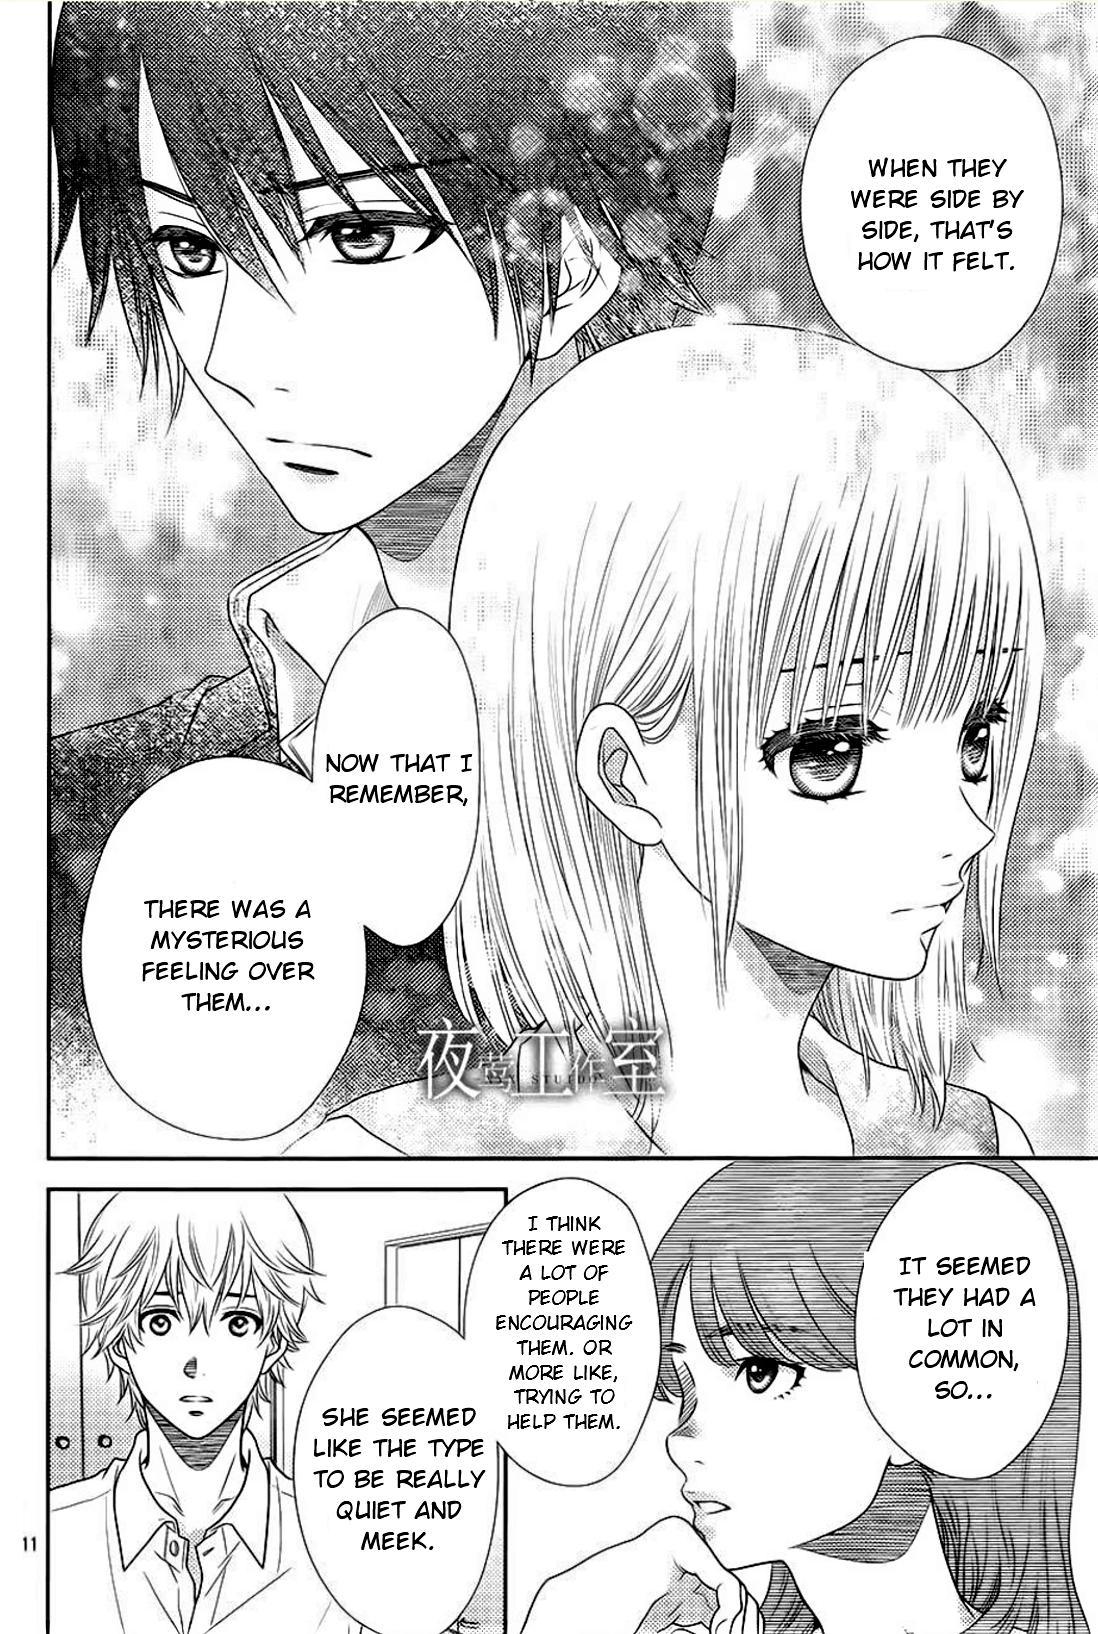 Nanoka no Kare - Chapter 18